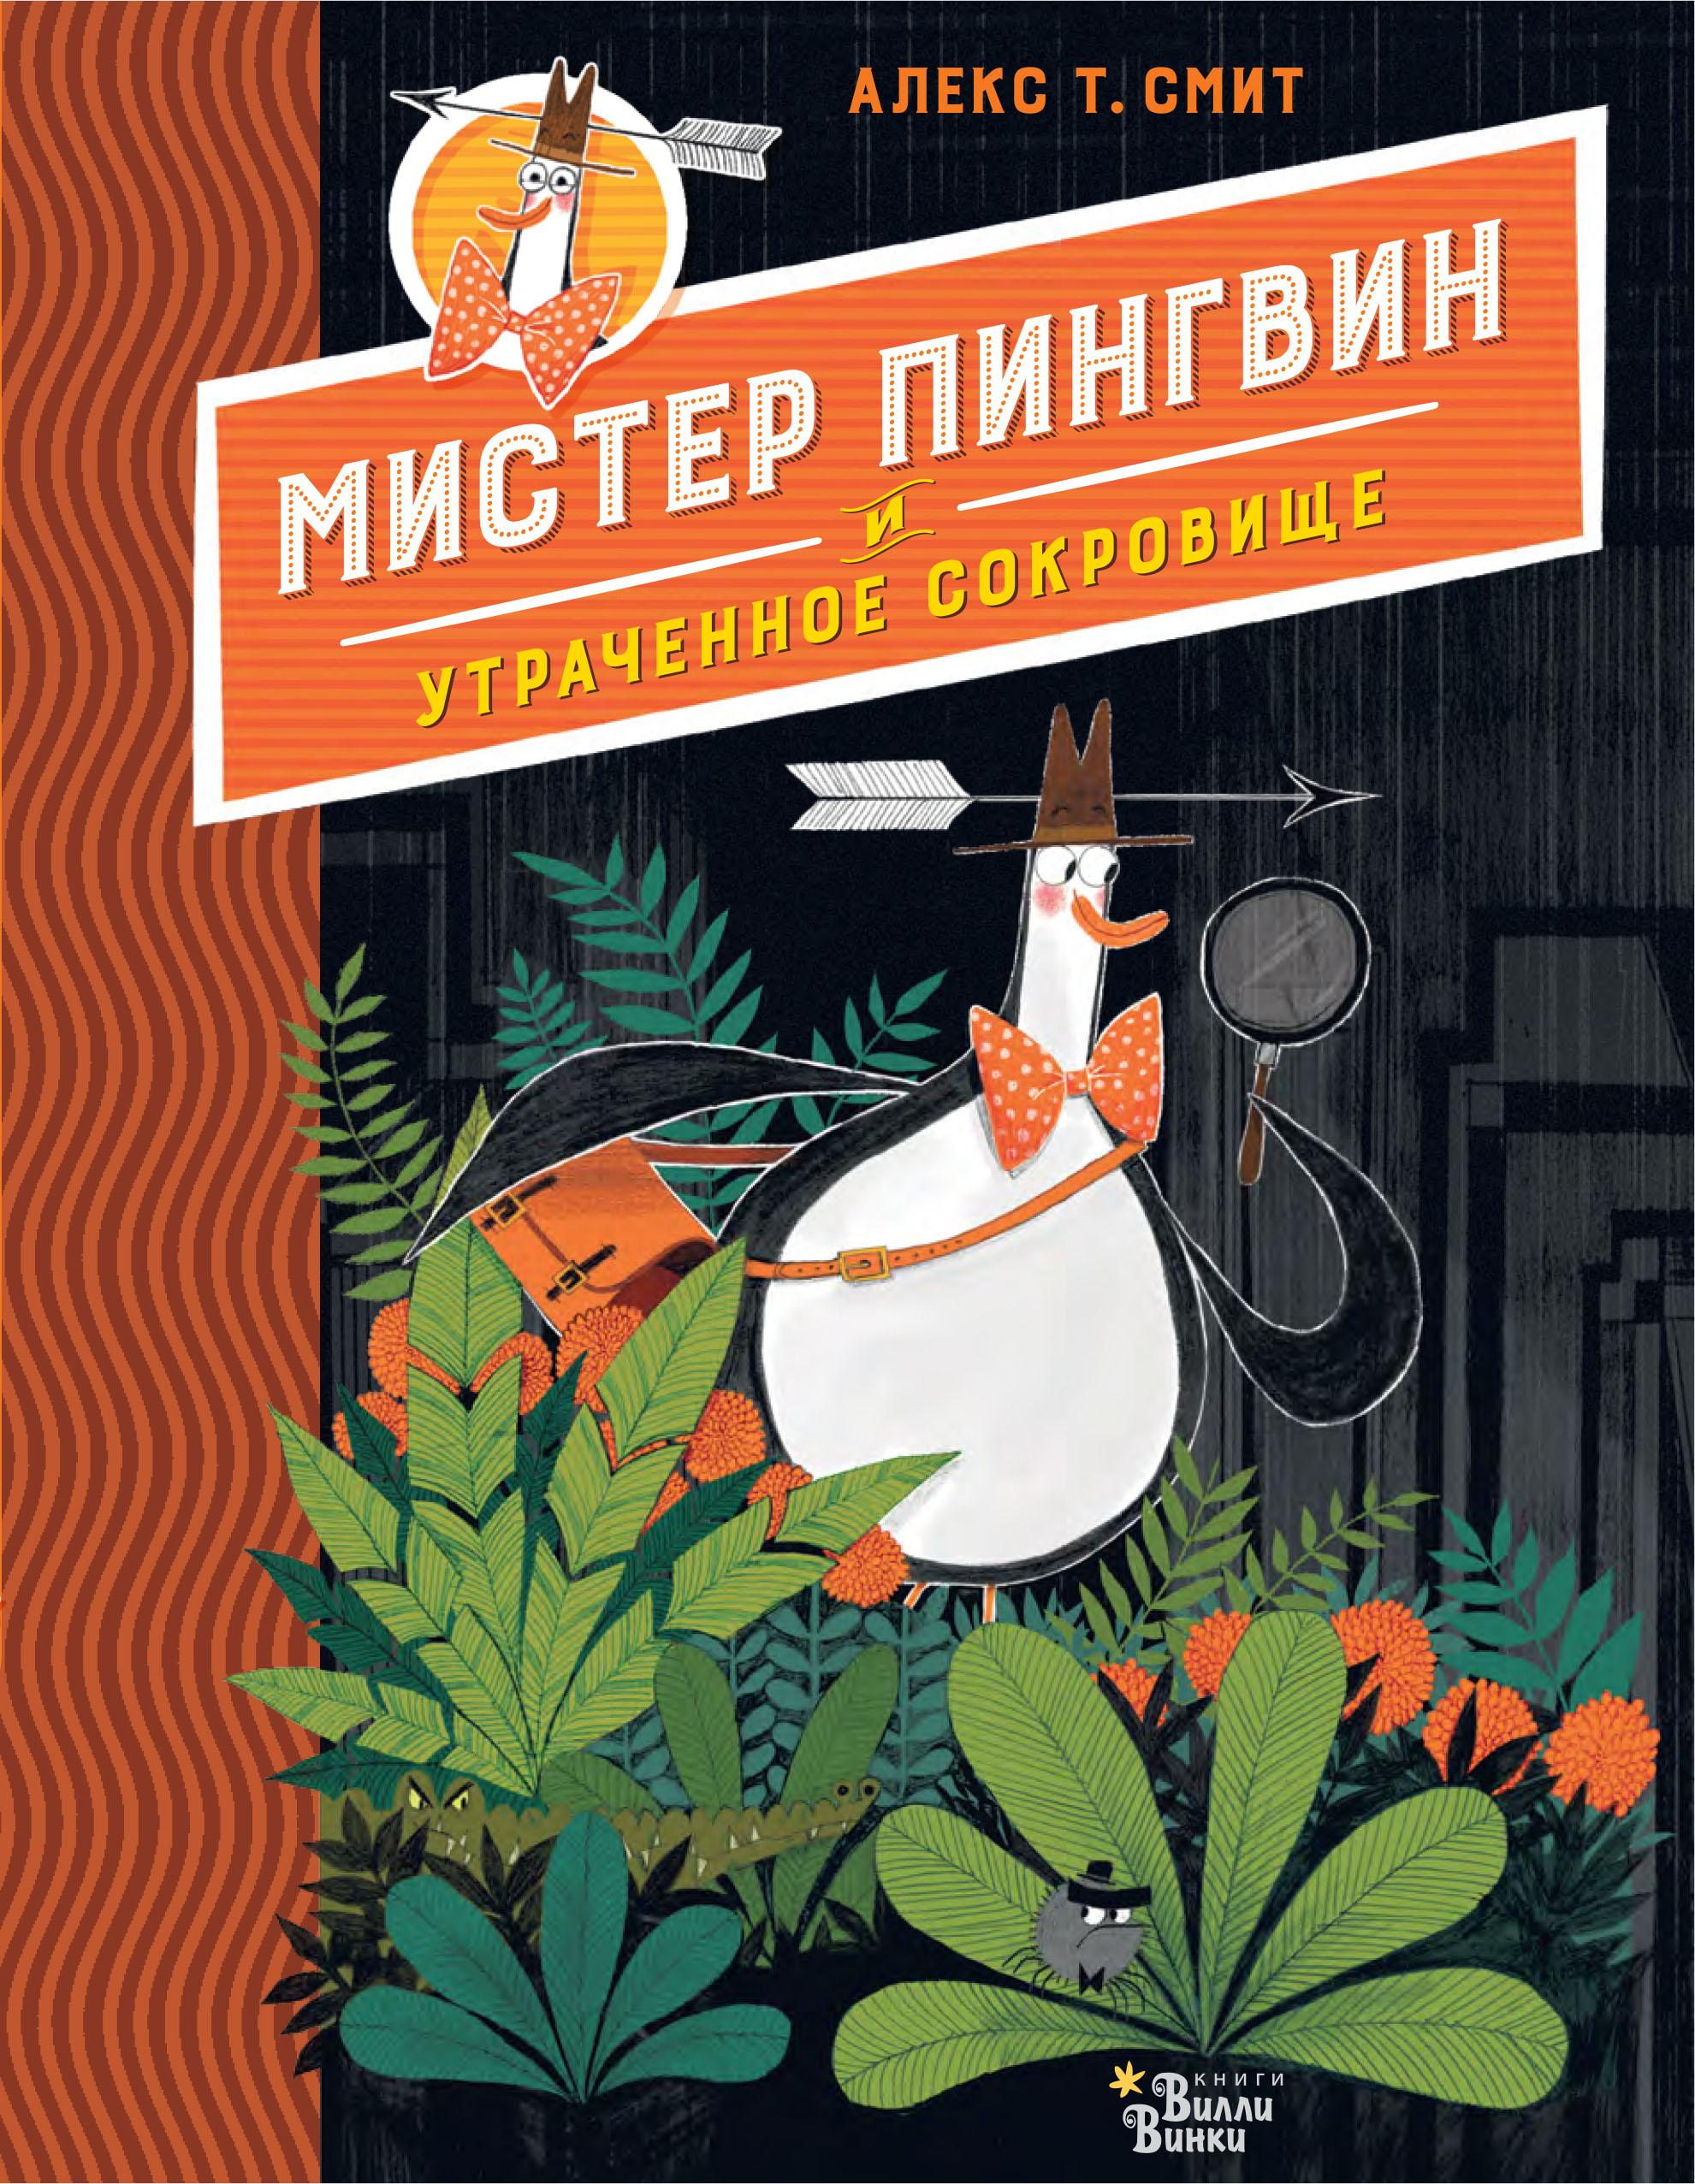 Купить книгу Мистер Пингвин и утраченное сокровище, автора Алекса Т. Смита